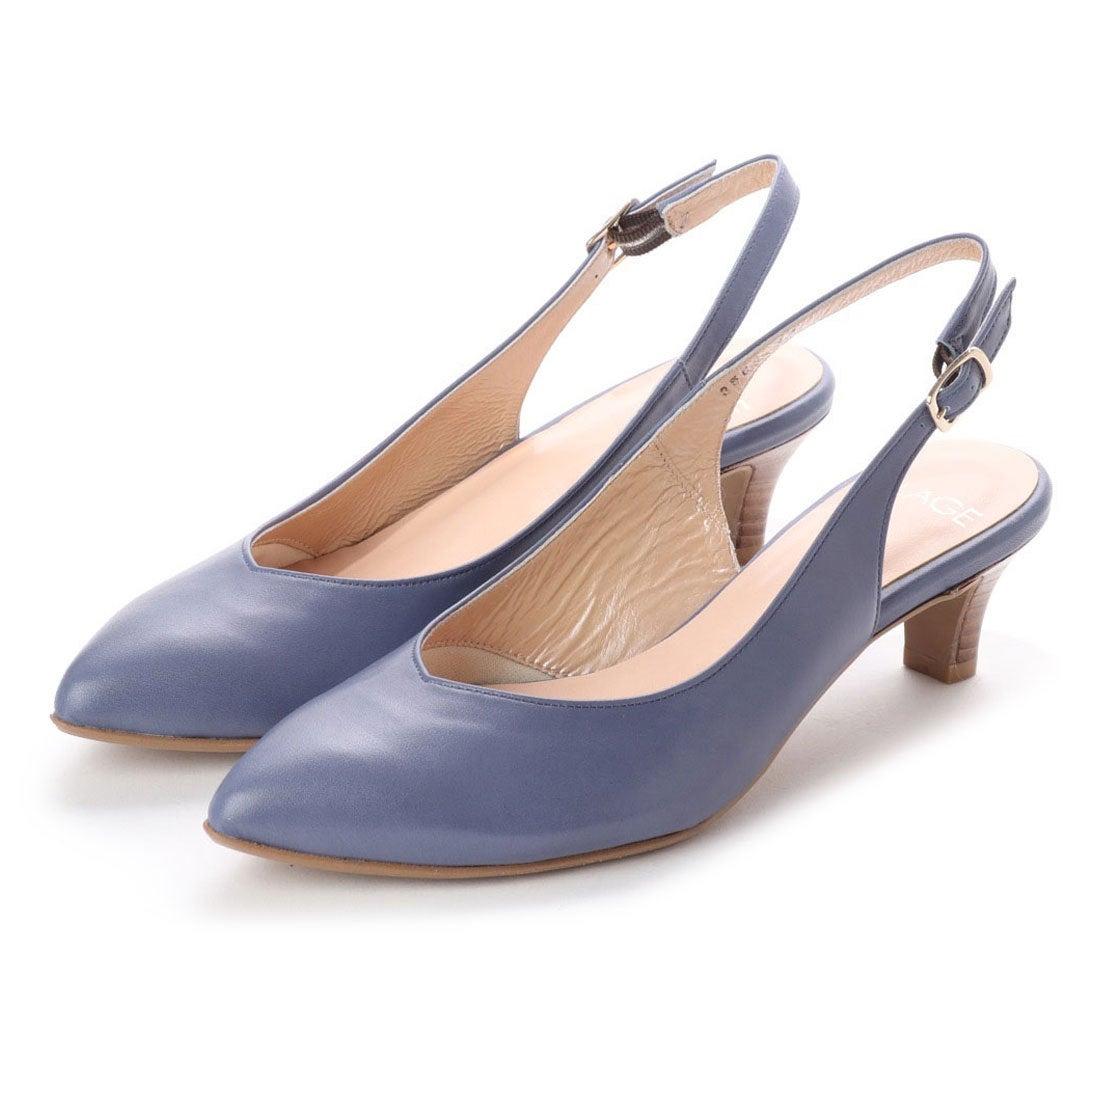 ロコンド 靴とファッションの通販サイトフラッグFLAGサラサラバックストラップパンプス(BU)